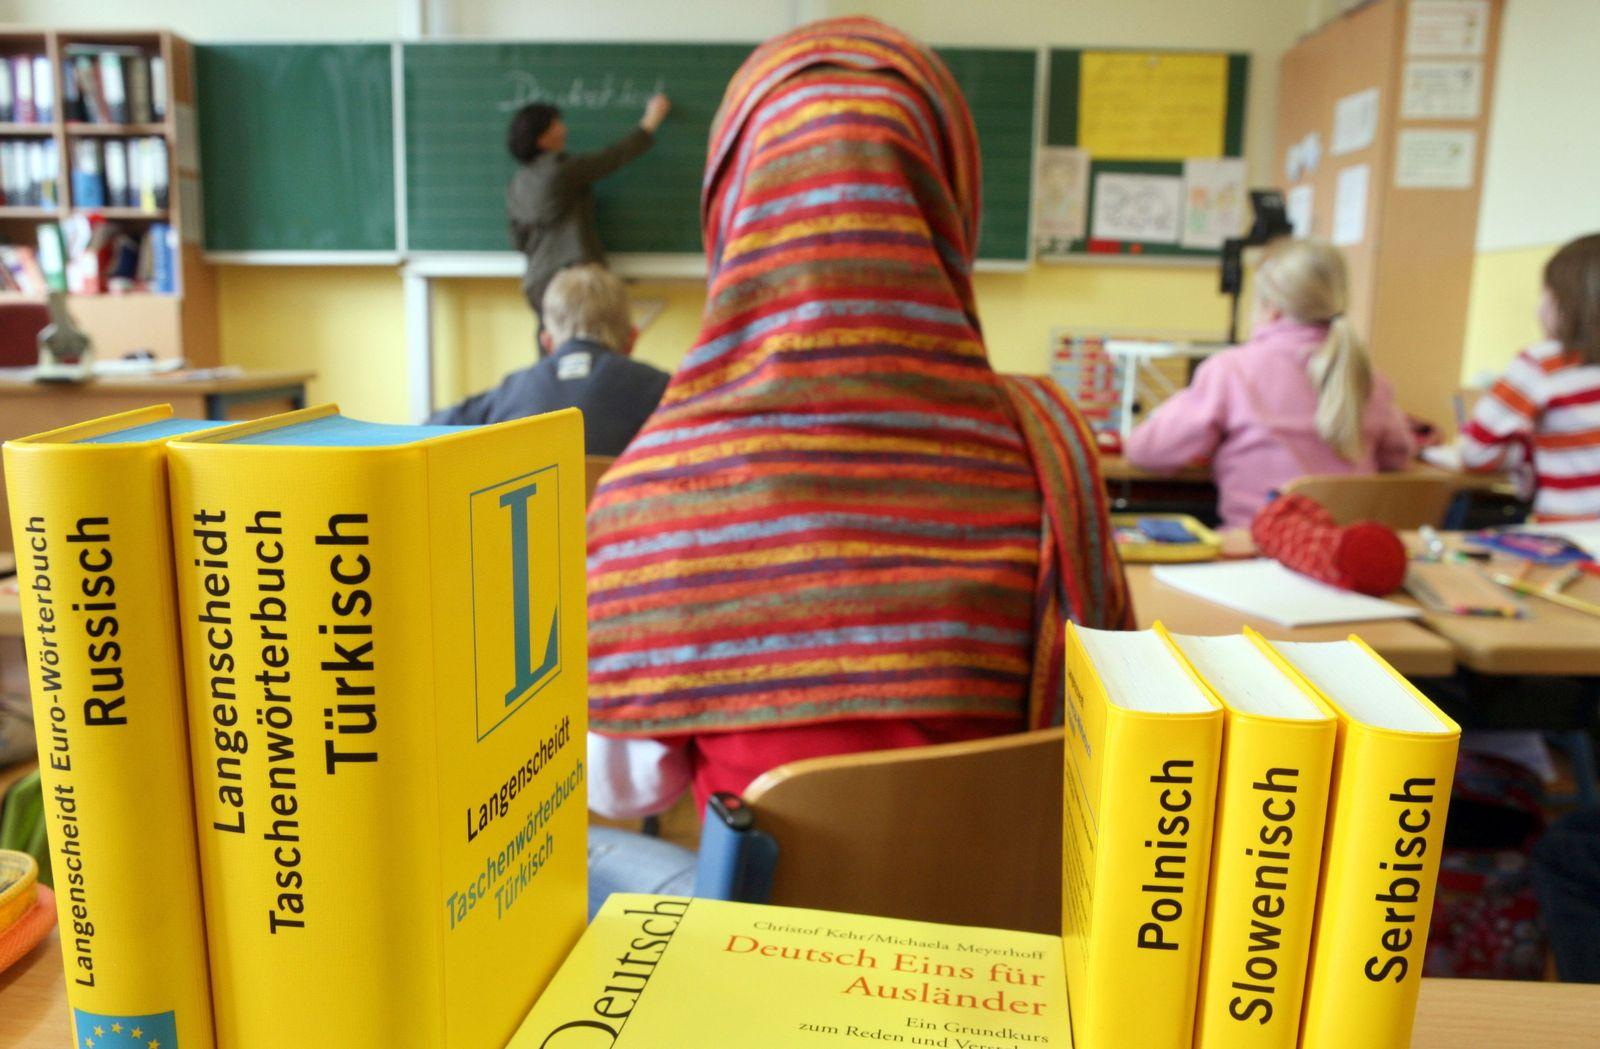 Symbolbild Kopftuch in Schule / Kopftuchverbot Grundschulen